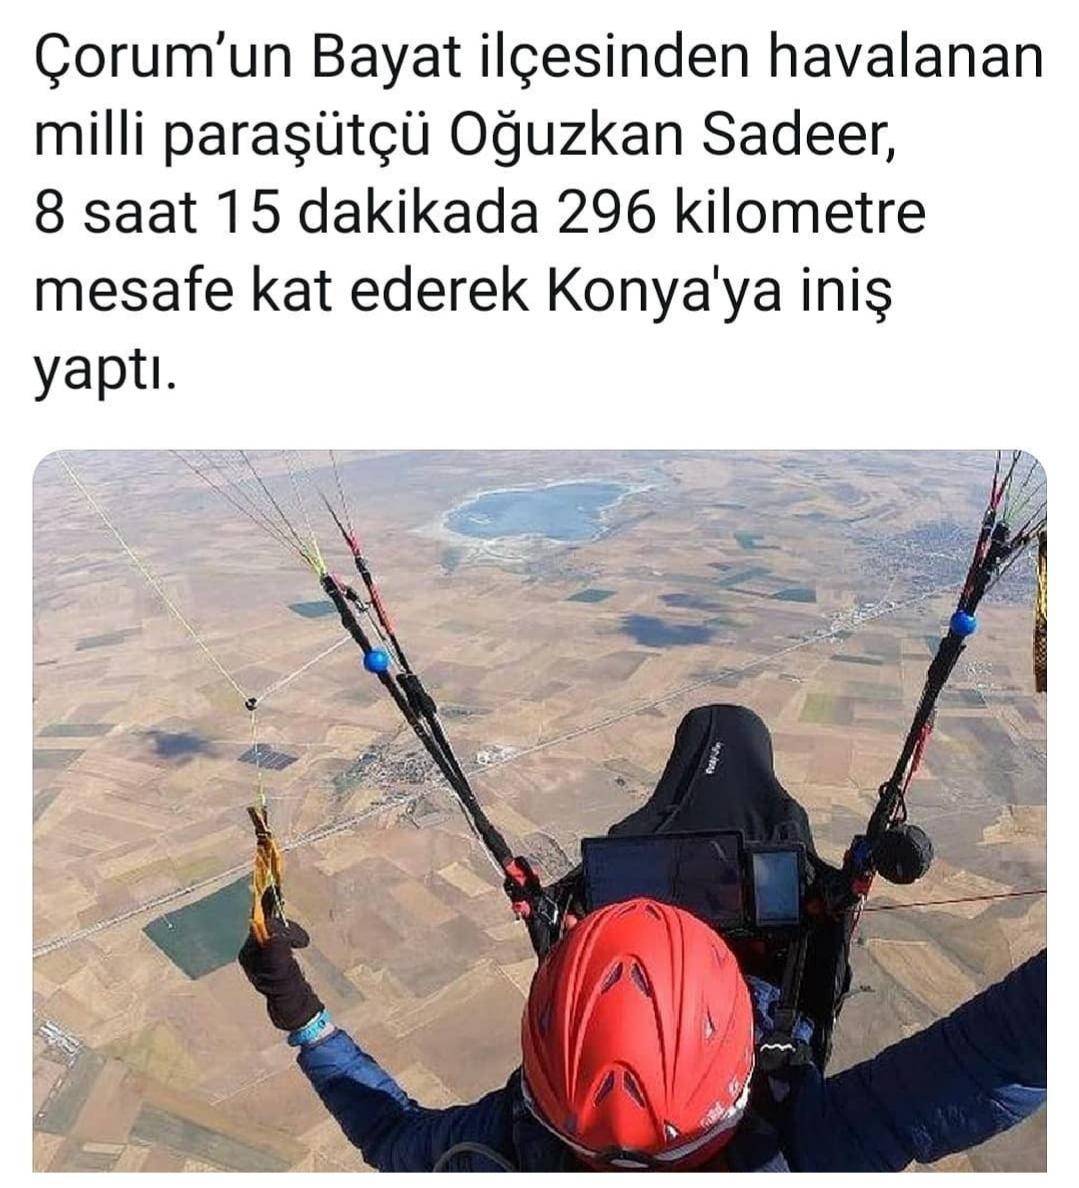 çorum dan konyaya yamaç paraşütü ile uçmak